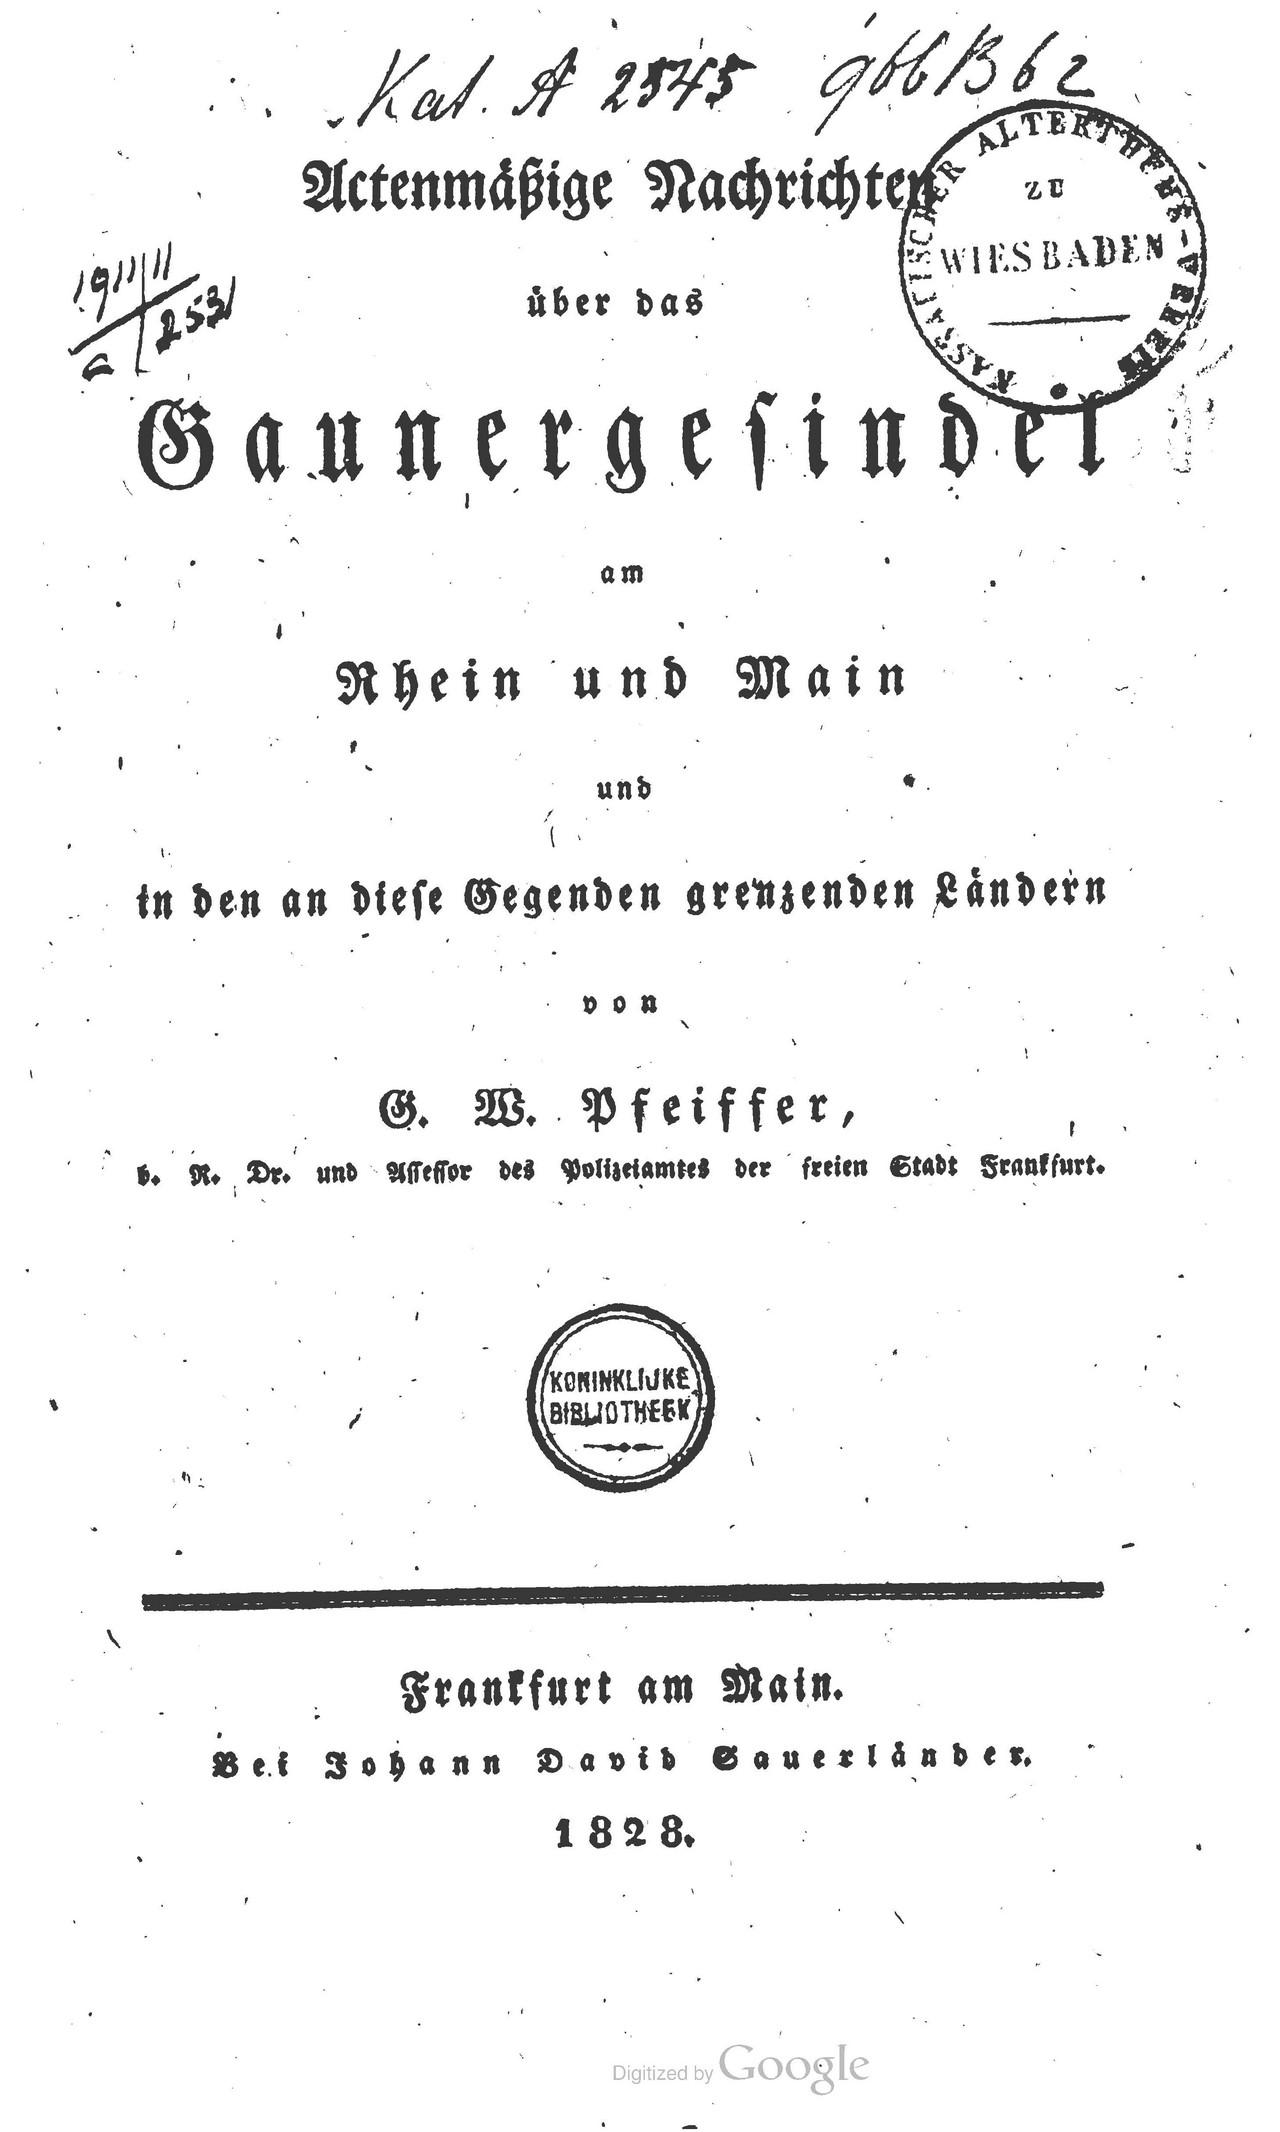 Pfeiffer Actenmäßige Nachrichten über das Gaunergesindel am Rhein und Main